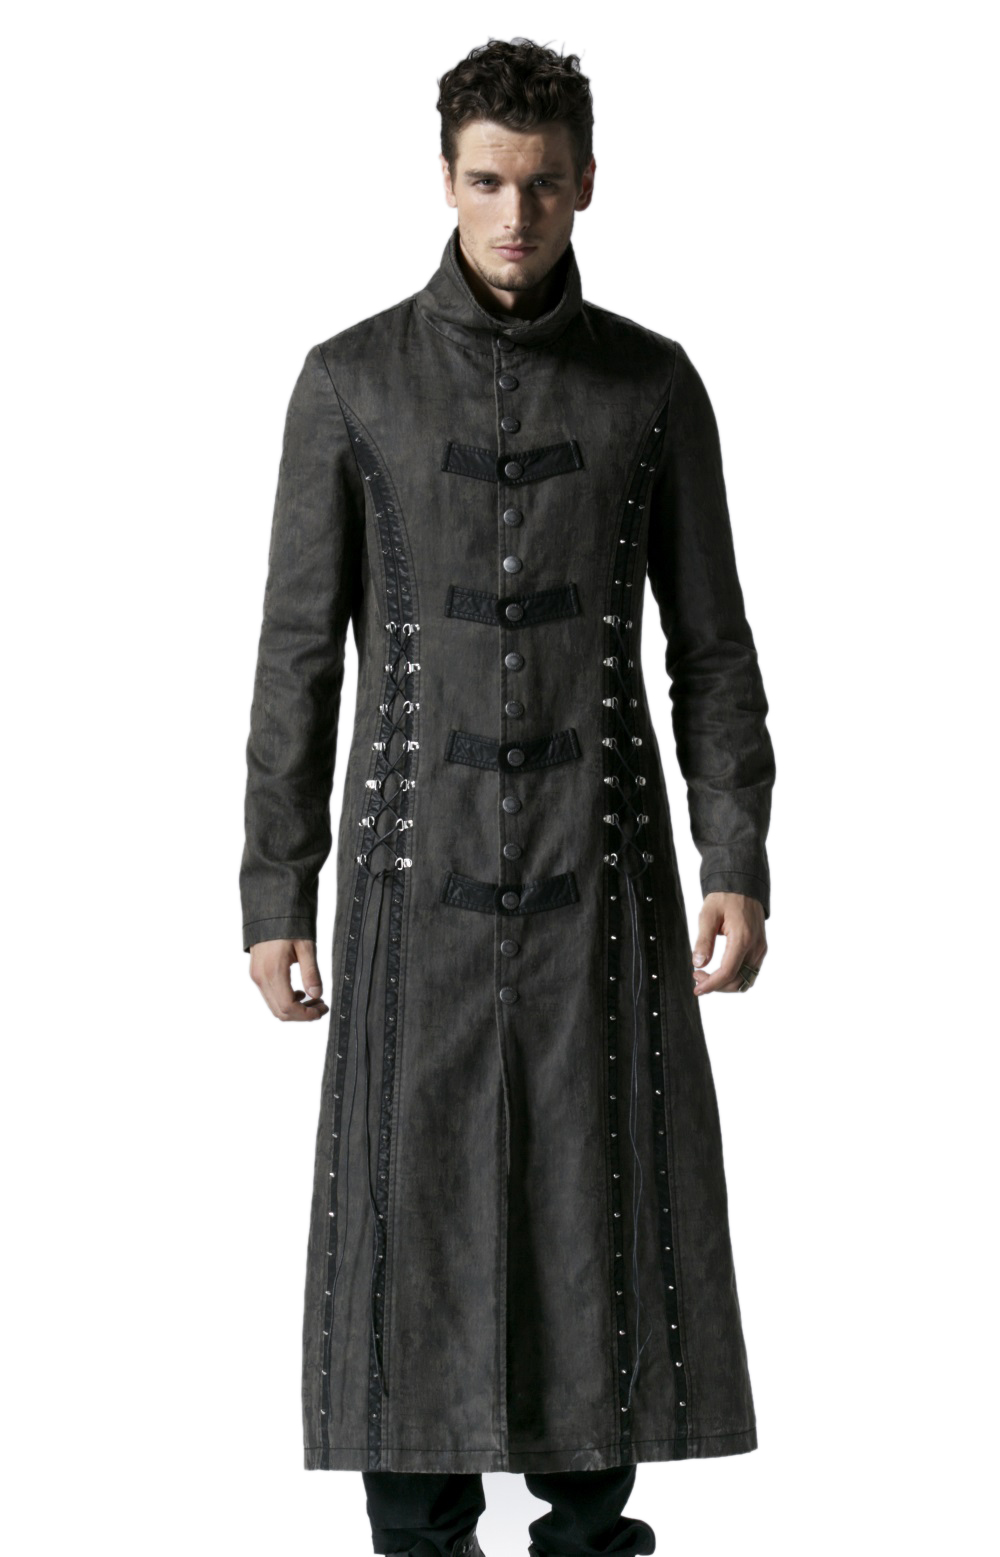 long manteau gothique homme gris d lav punk rave y548. Black Bedroom Furniture Sets. Home Design Ideas